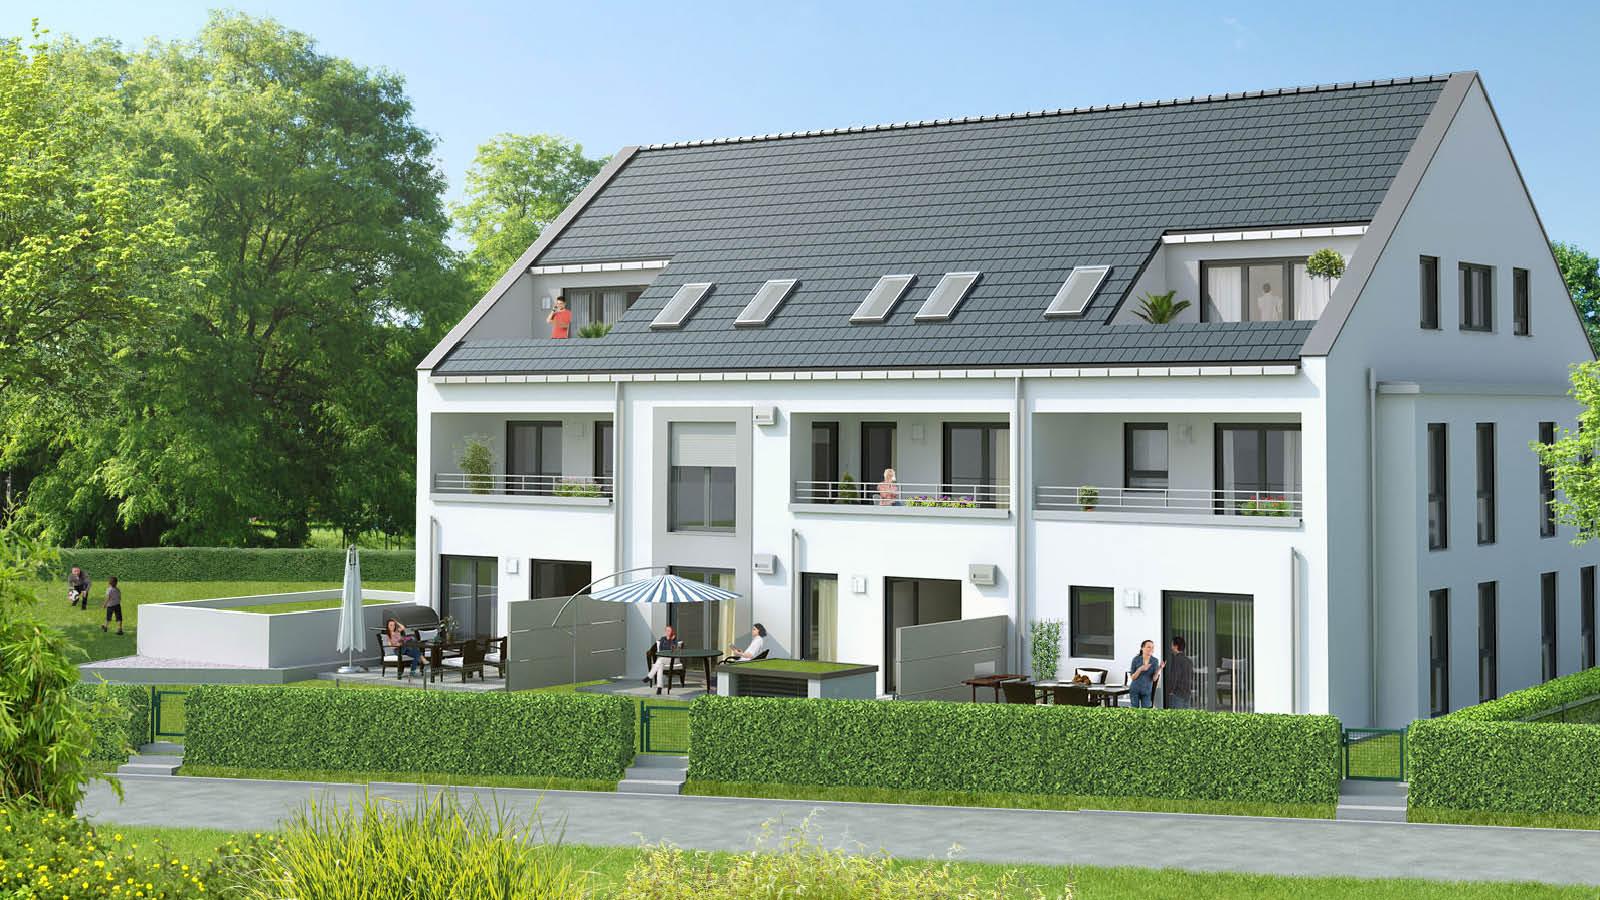 eigentumswohnung im n rnberger norden schultheiss wohnbau ag. Black Bedroom Furniture Sets. Home Design Ideas